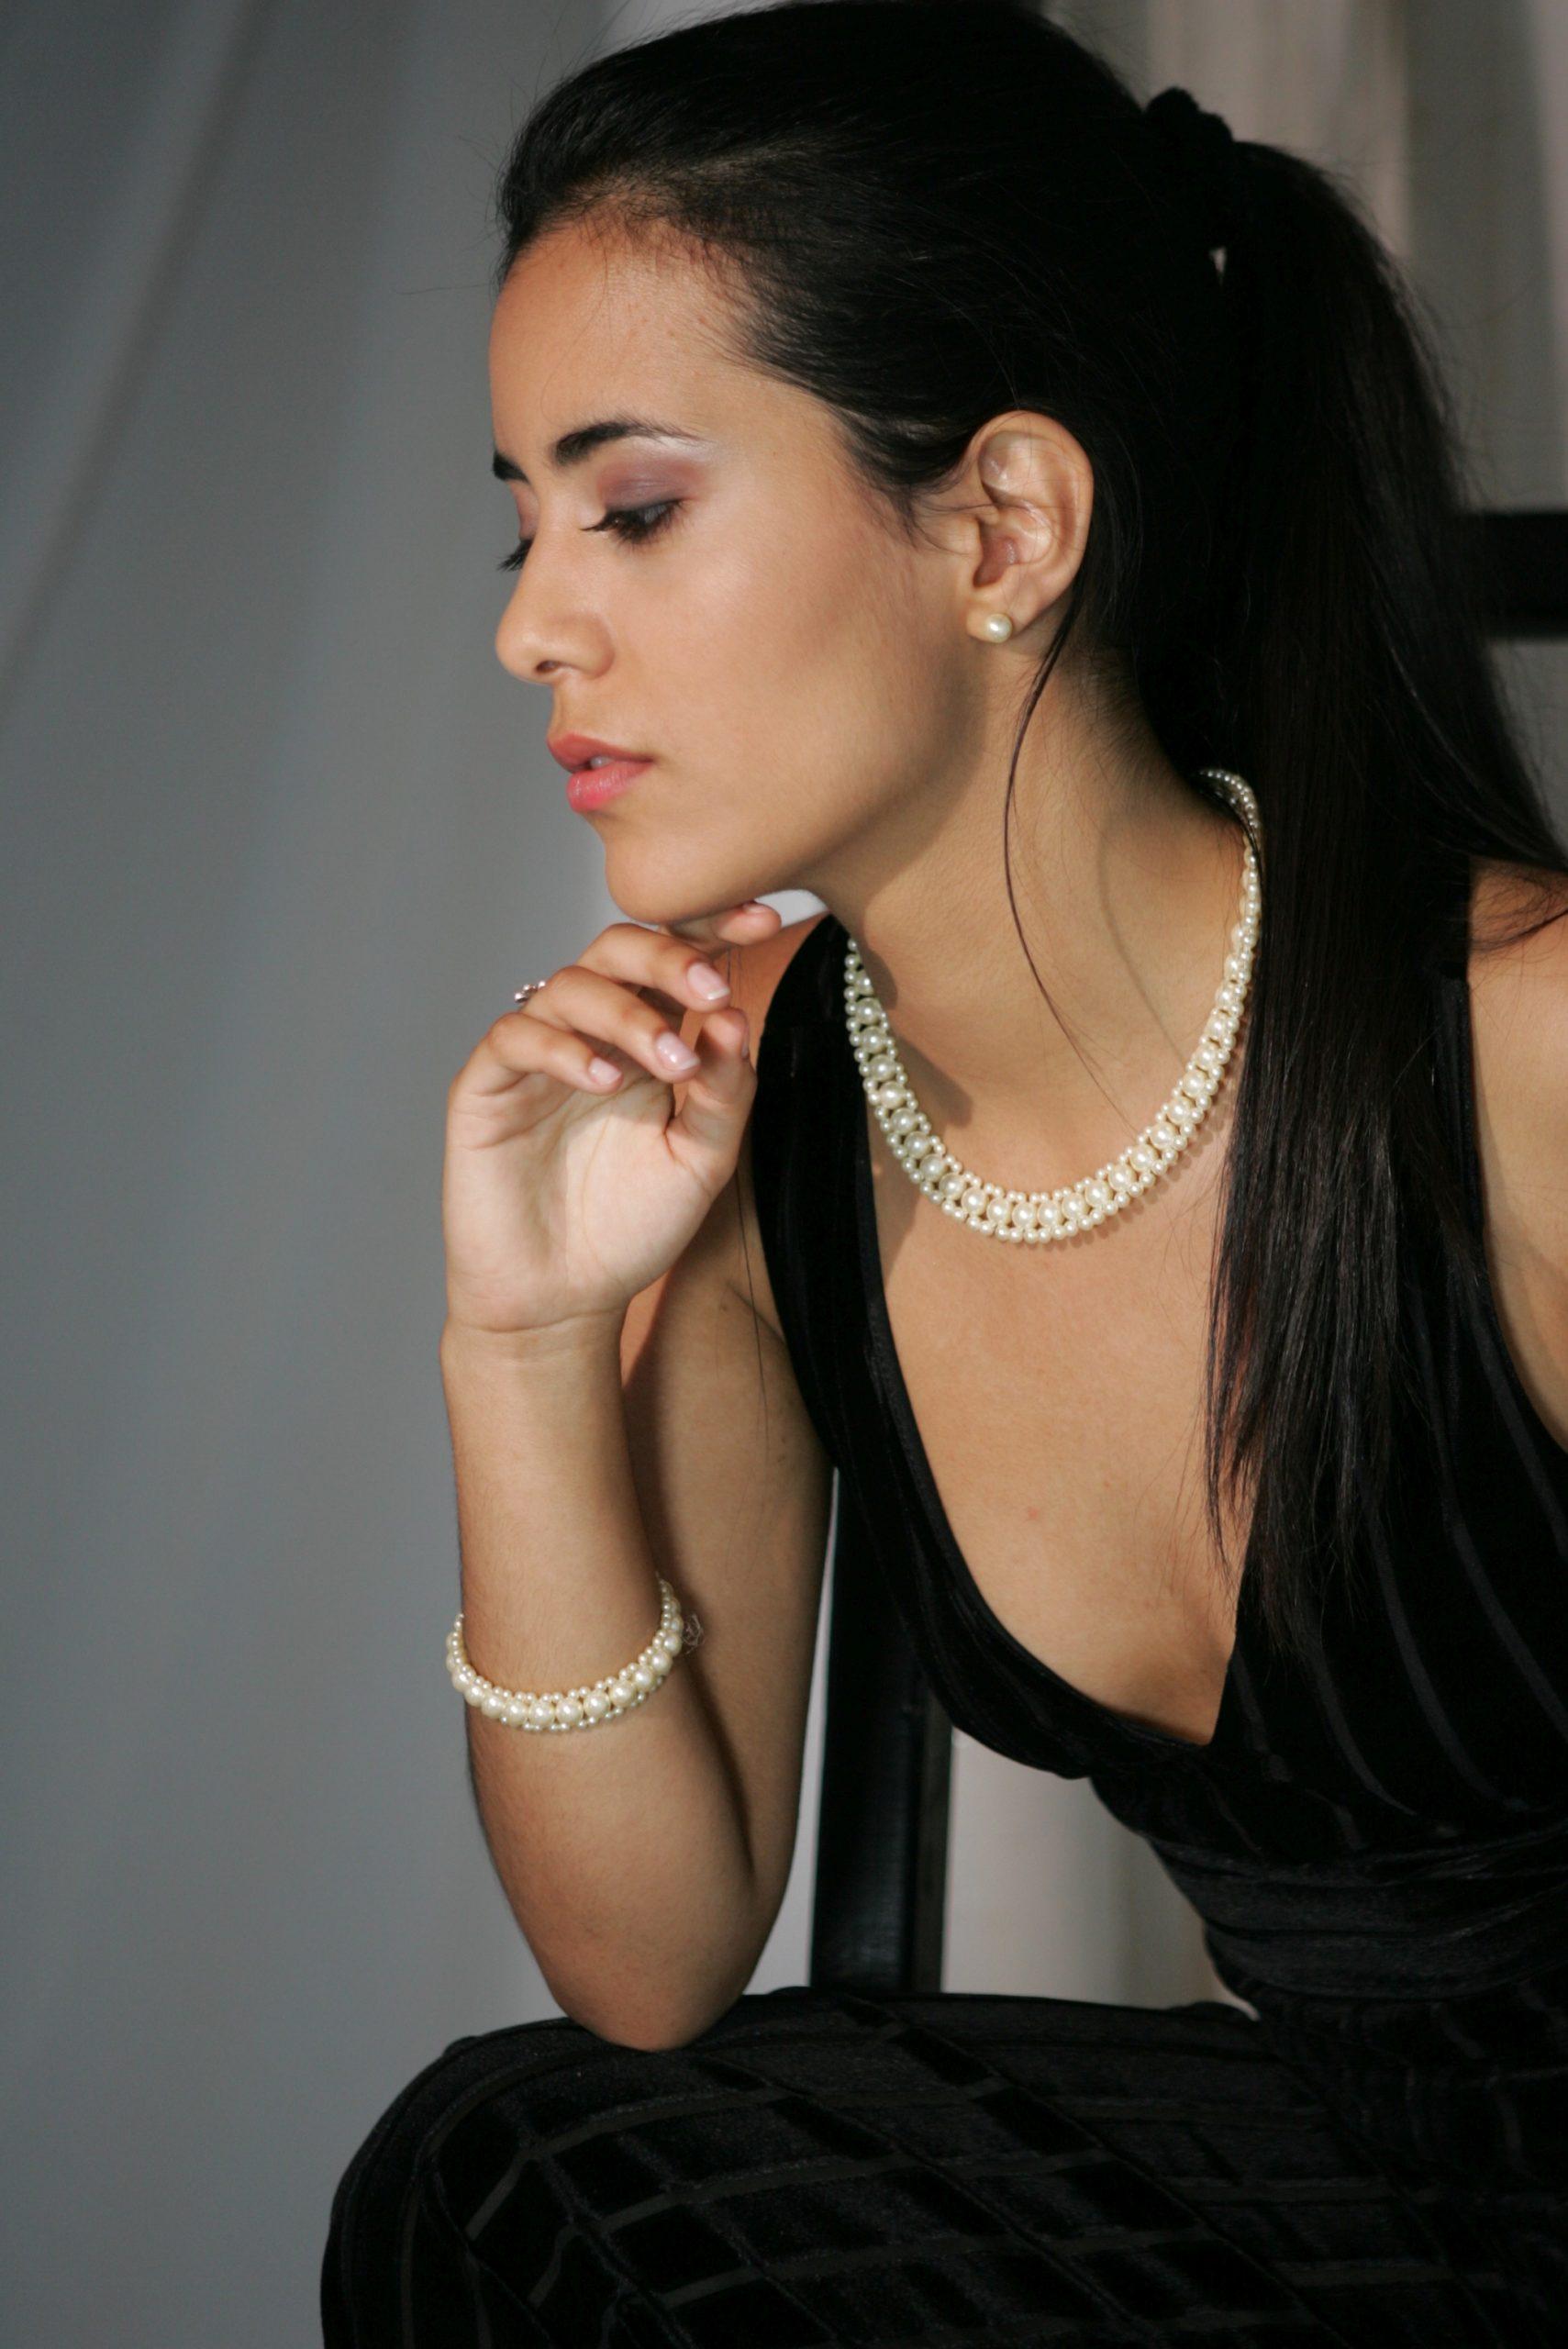 Mariana_Quiroga_by_Andreas_vE